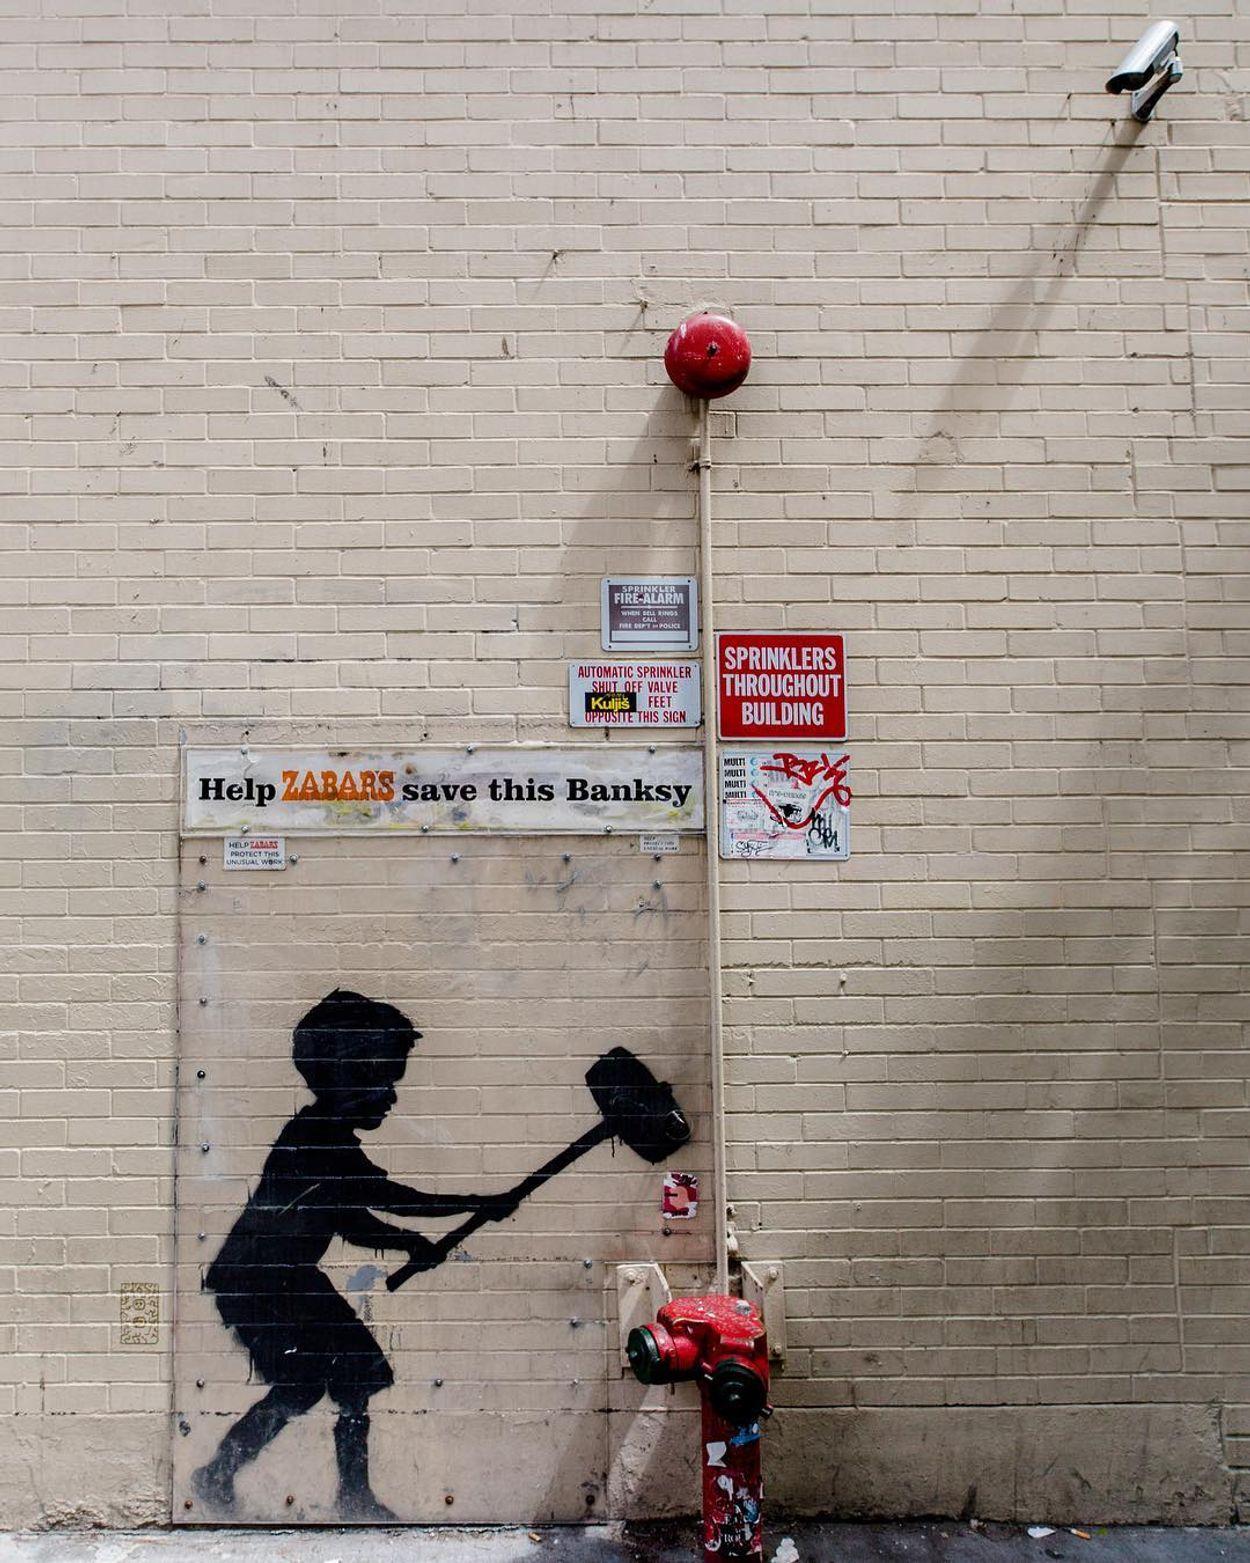 NY banksy